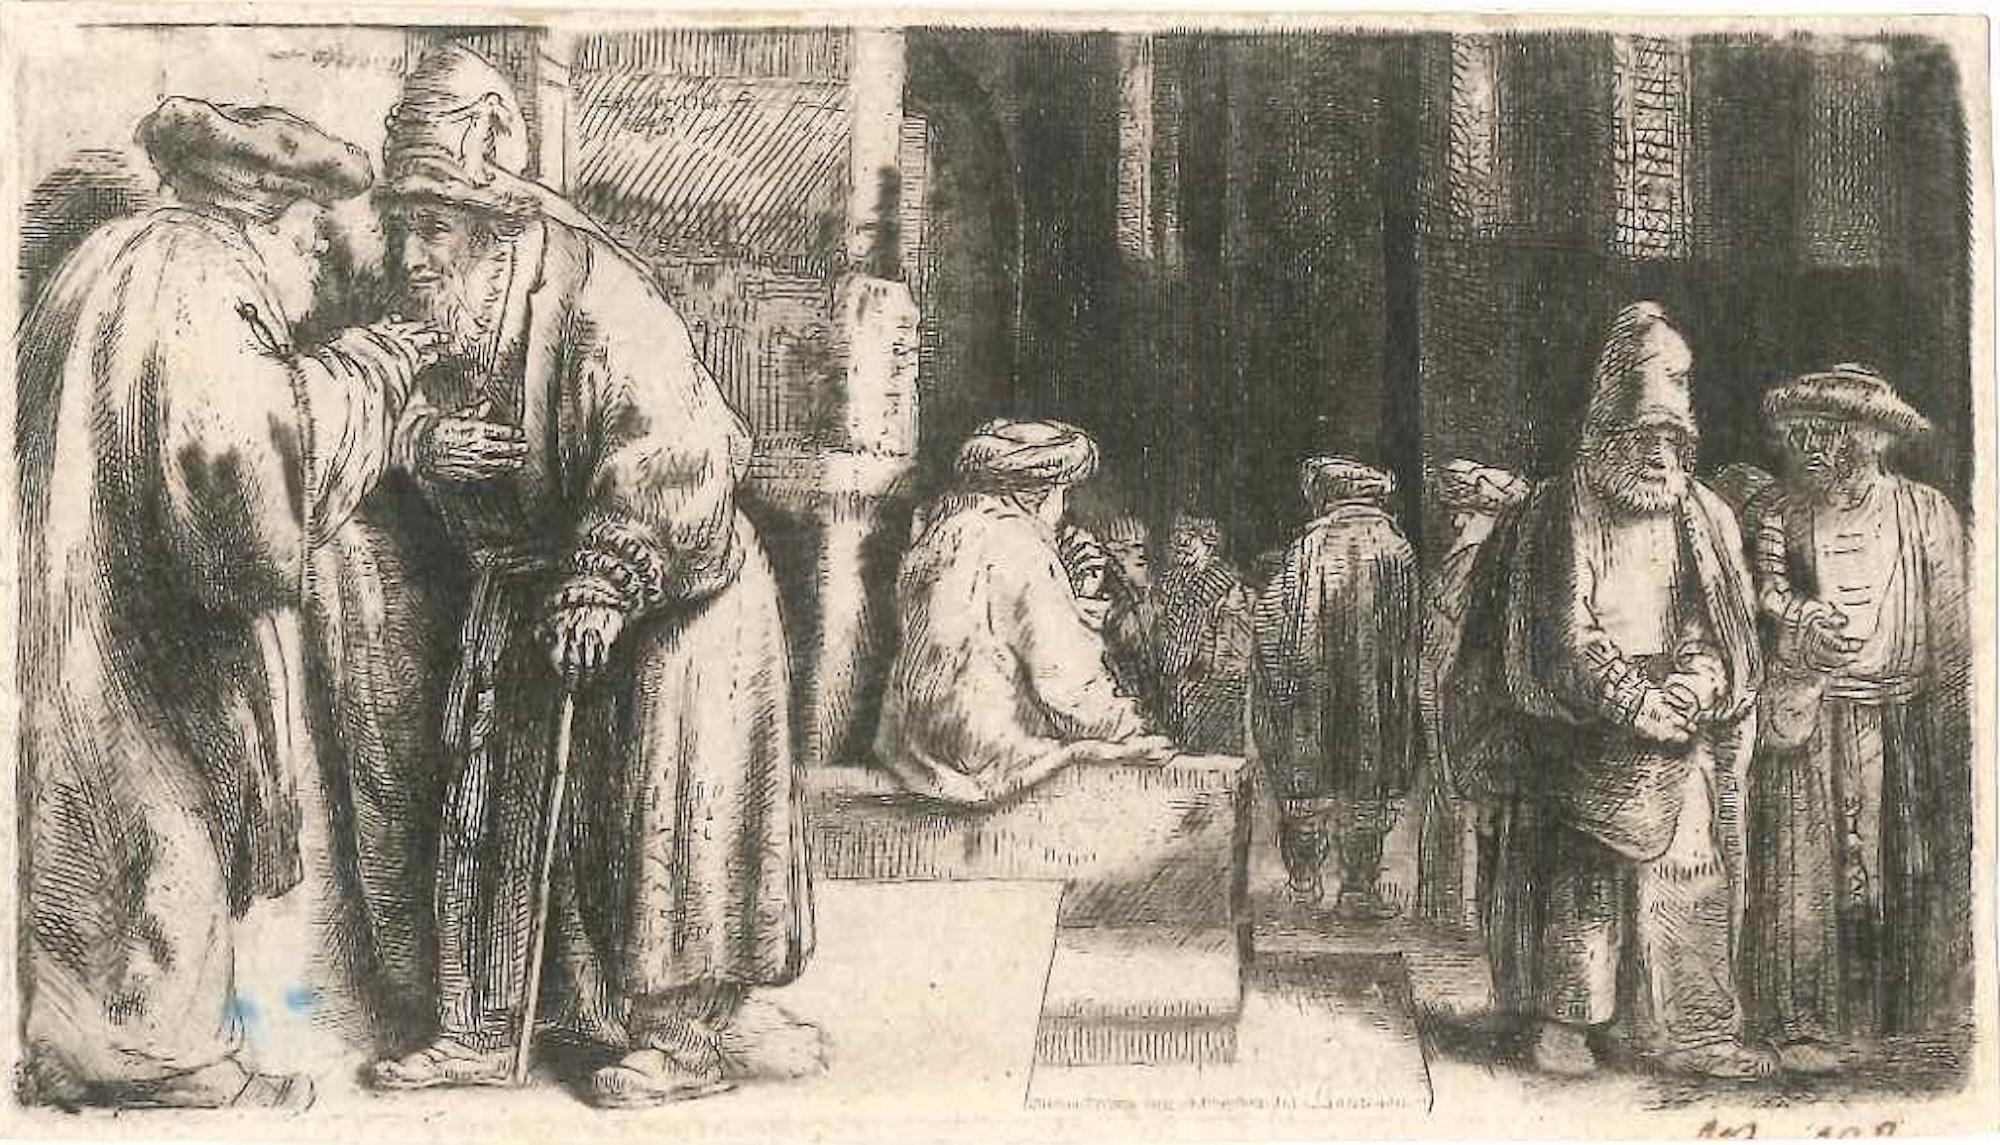 La Synagogue des Juifs - Original Etching by Rembrandt - 1648